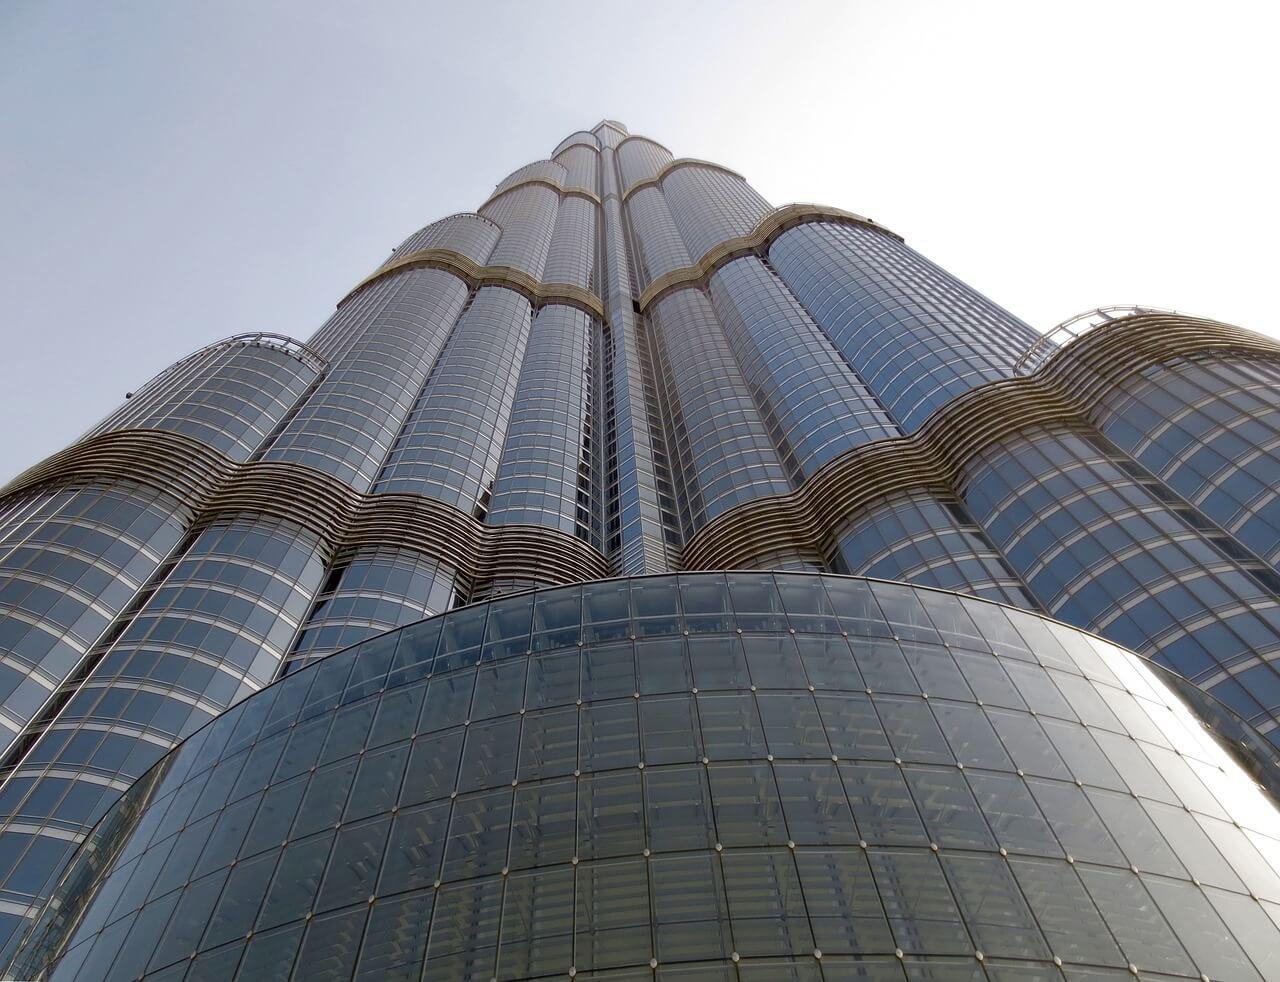 Vista del rascacielos desde la base